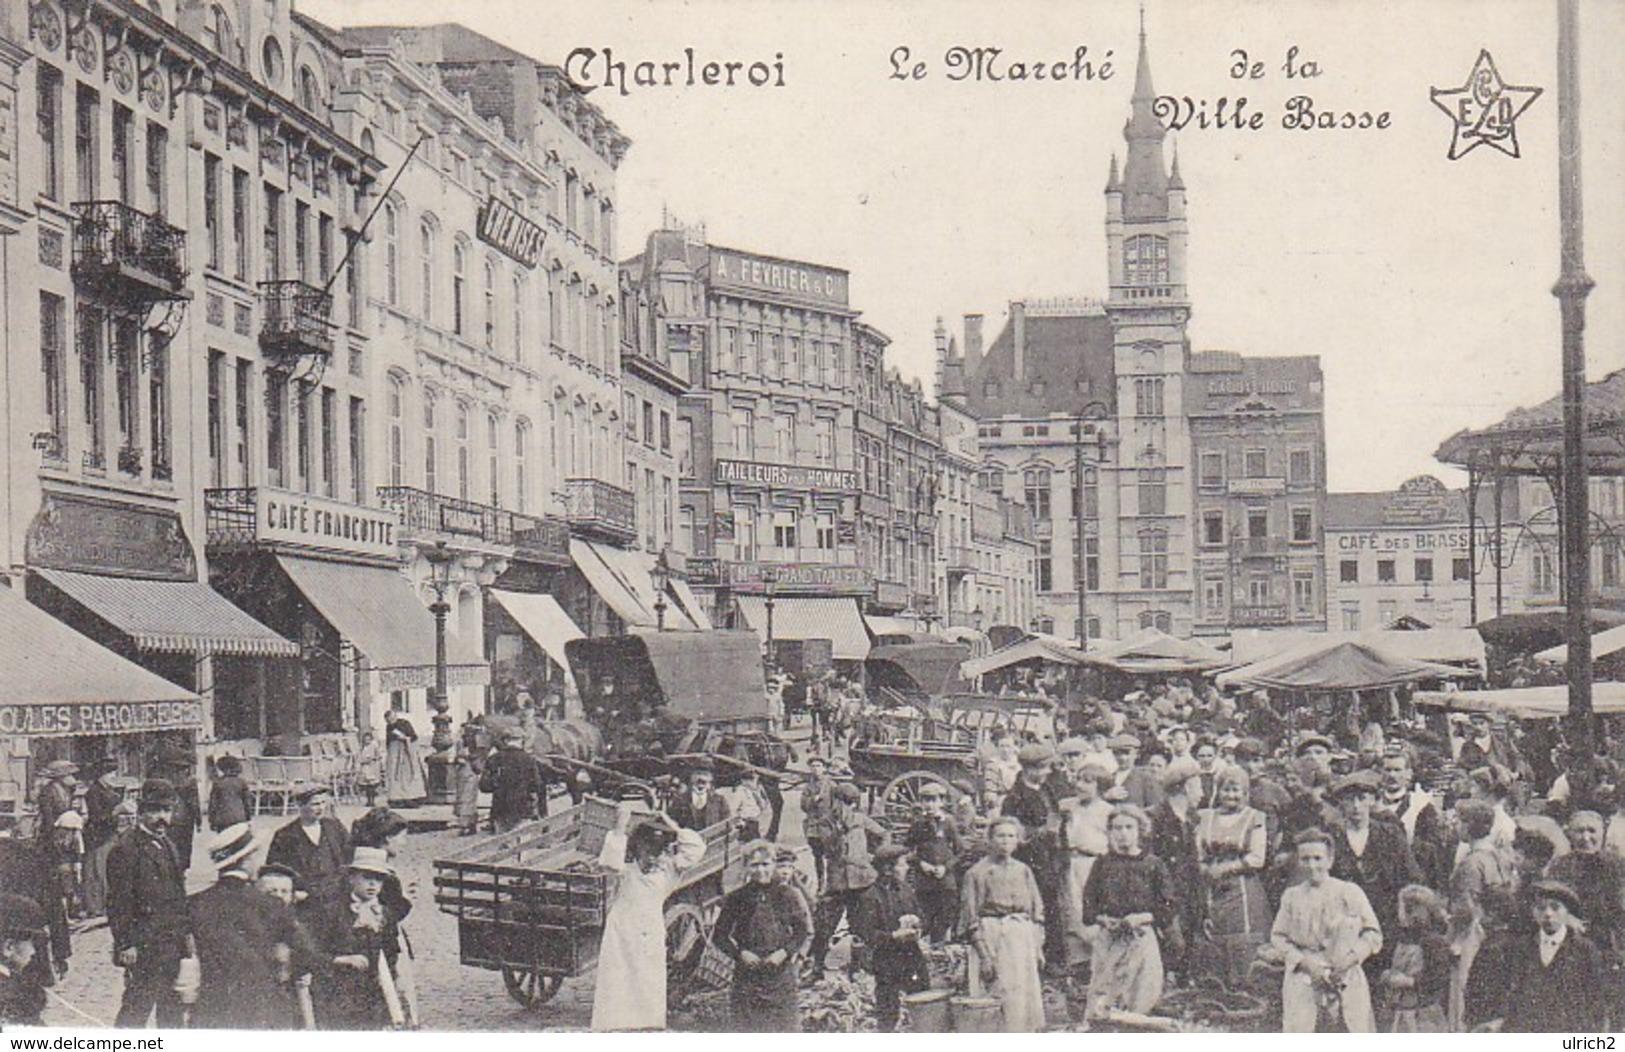 AK Charleroi - Le Marché De La Ville Basse - Feldpost Mons 1915 (32229) - Charleroi